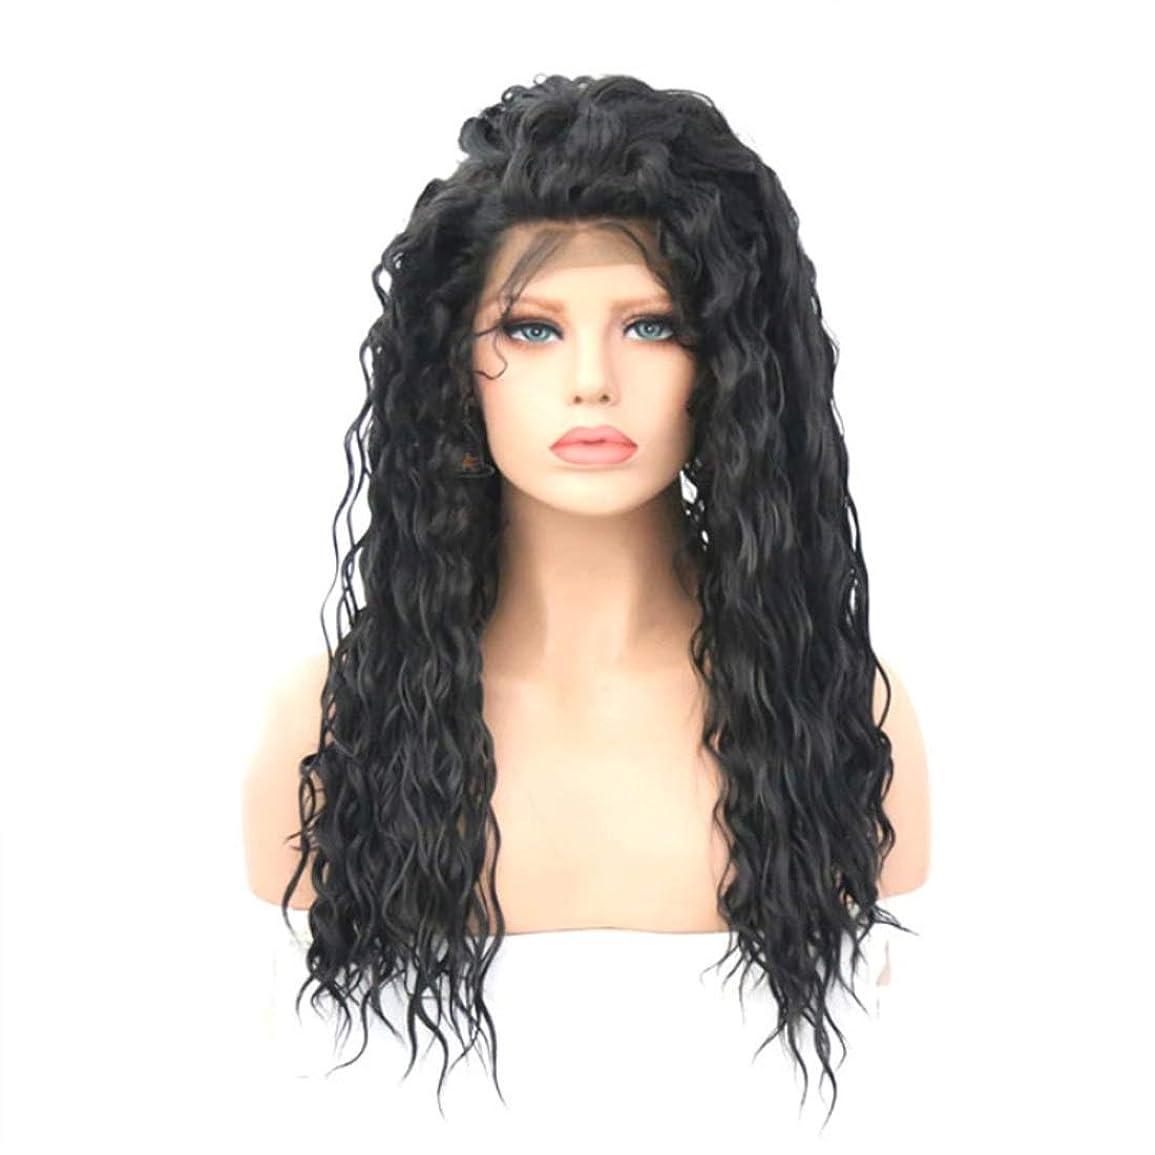 名義で軽蔑持つSummerys 女性のための長い巻き毛のかつらかつらかつらと人工的な毛髪のかつら本物の髪として自然なかつら (Size : 16inch)